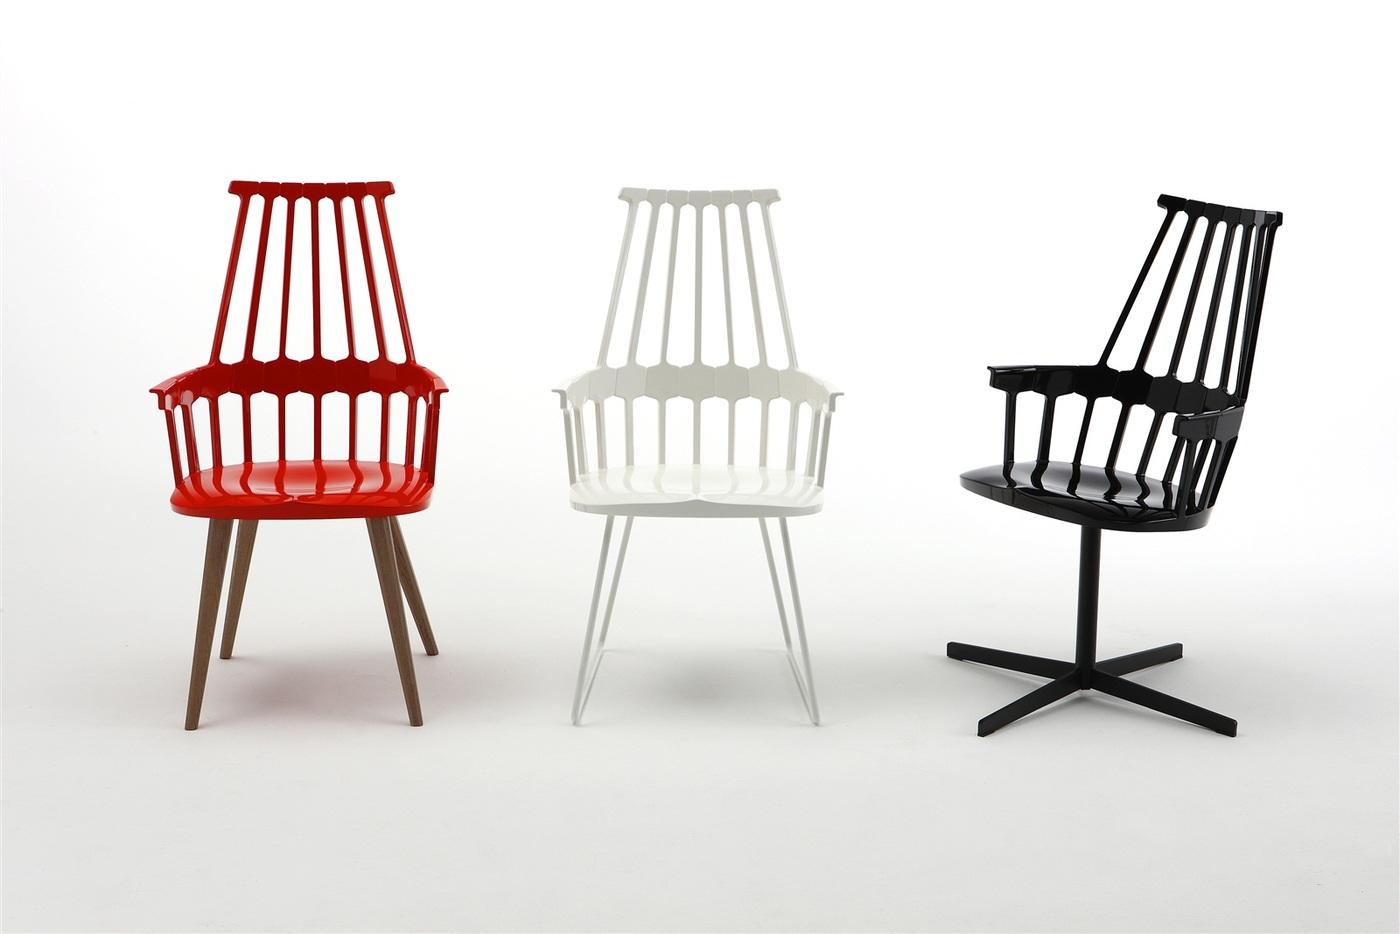 Patricia Urquiola, Comback Chair, éditées chez Kartell, 2012